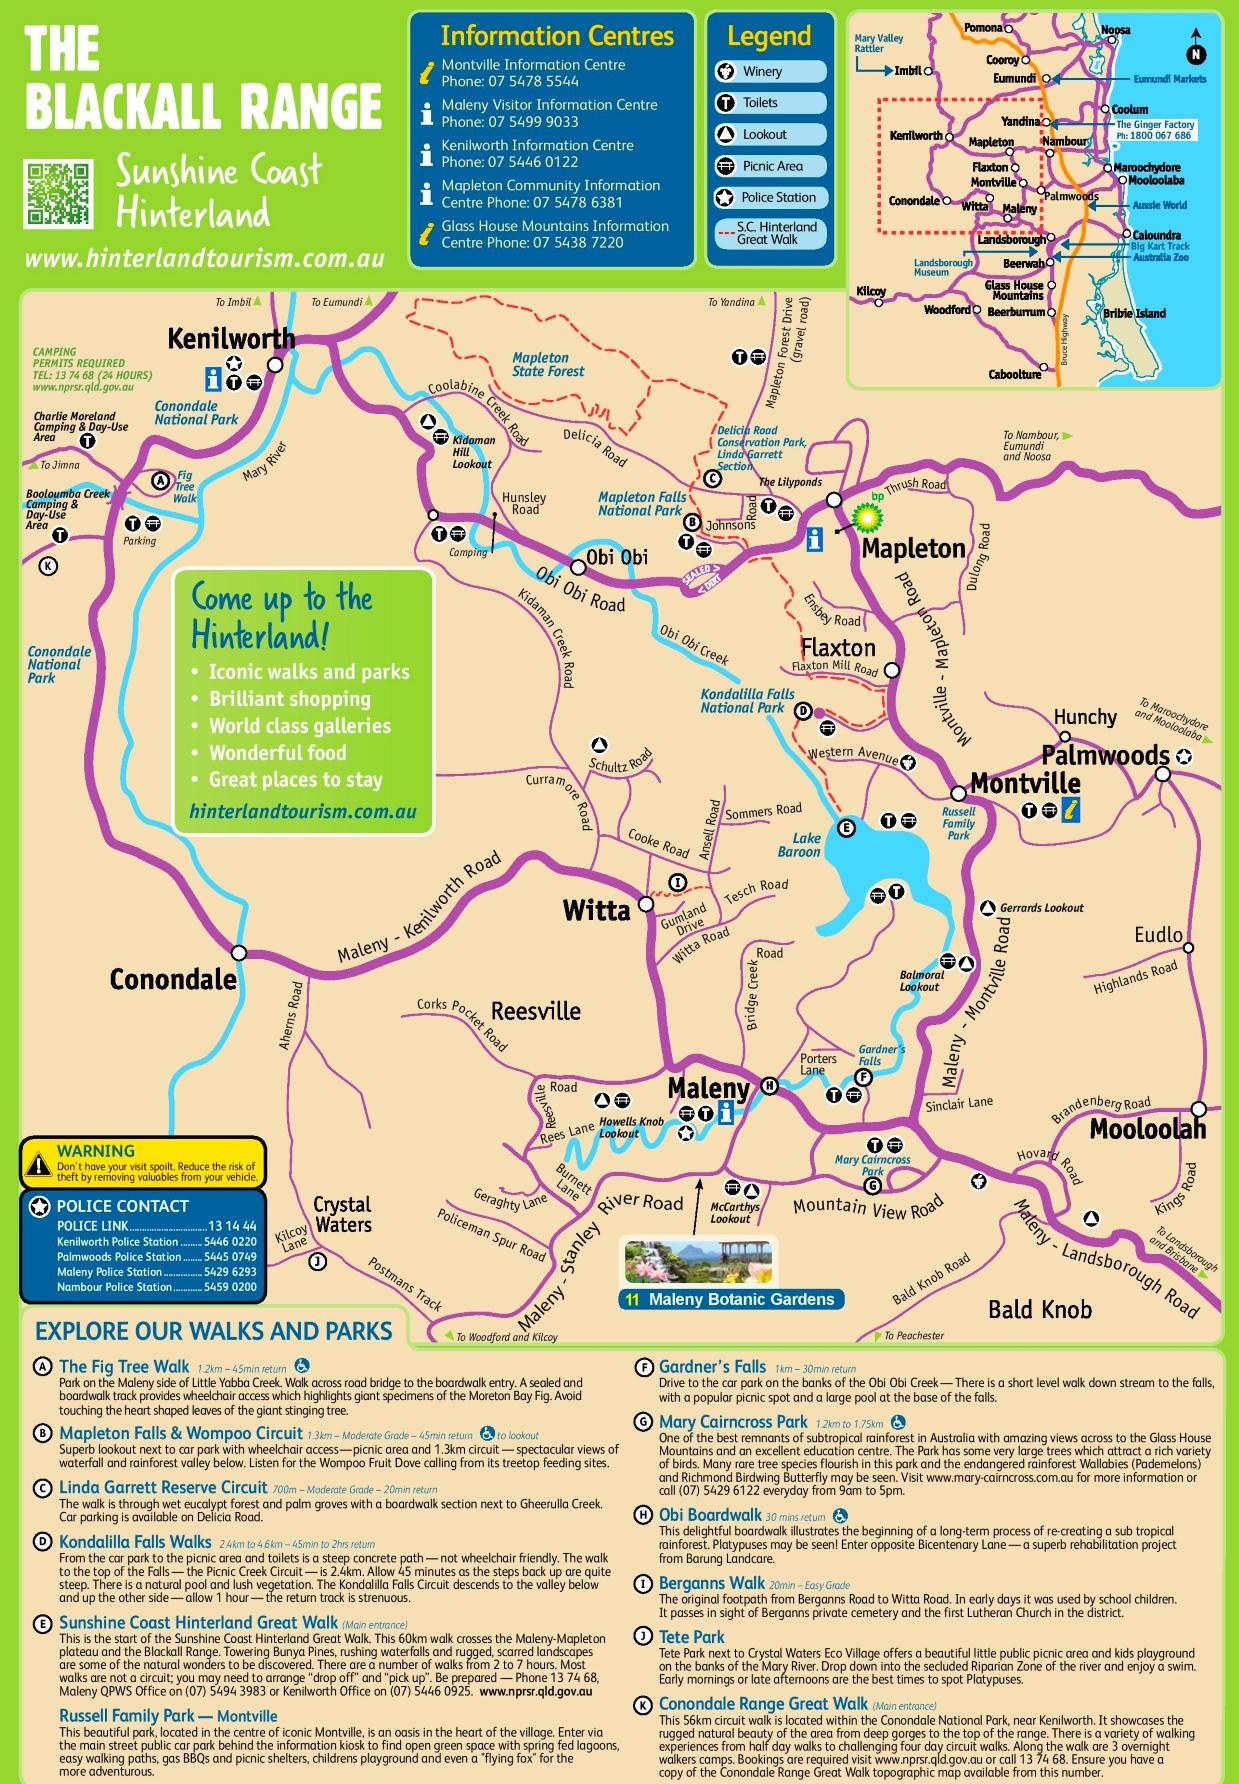 Blackall Range map